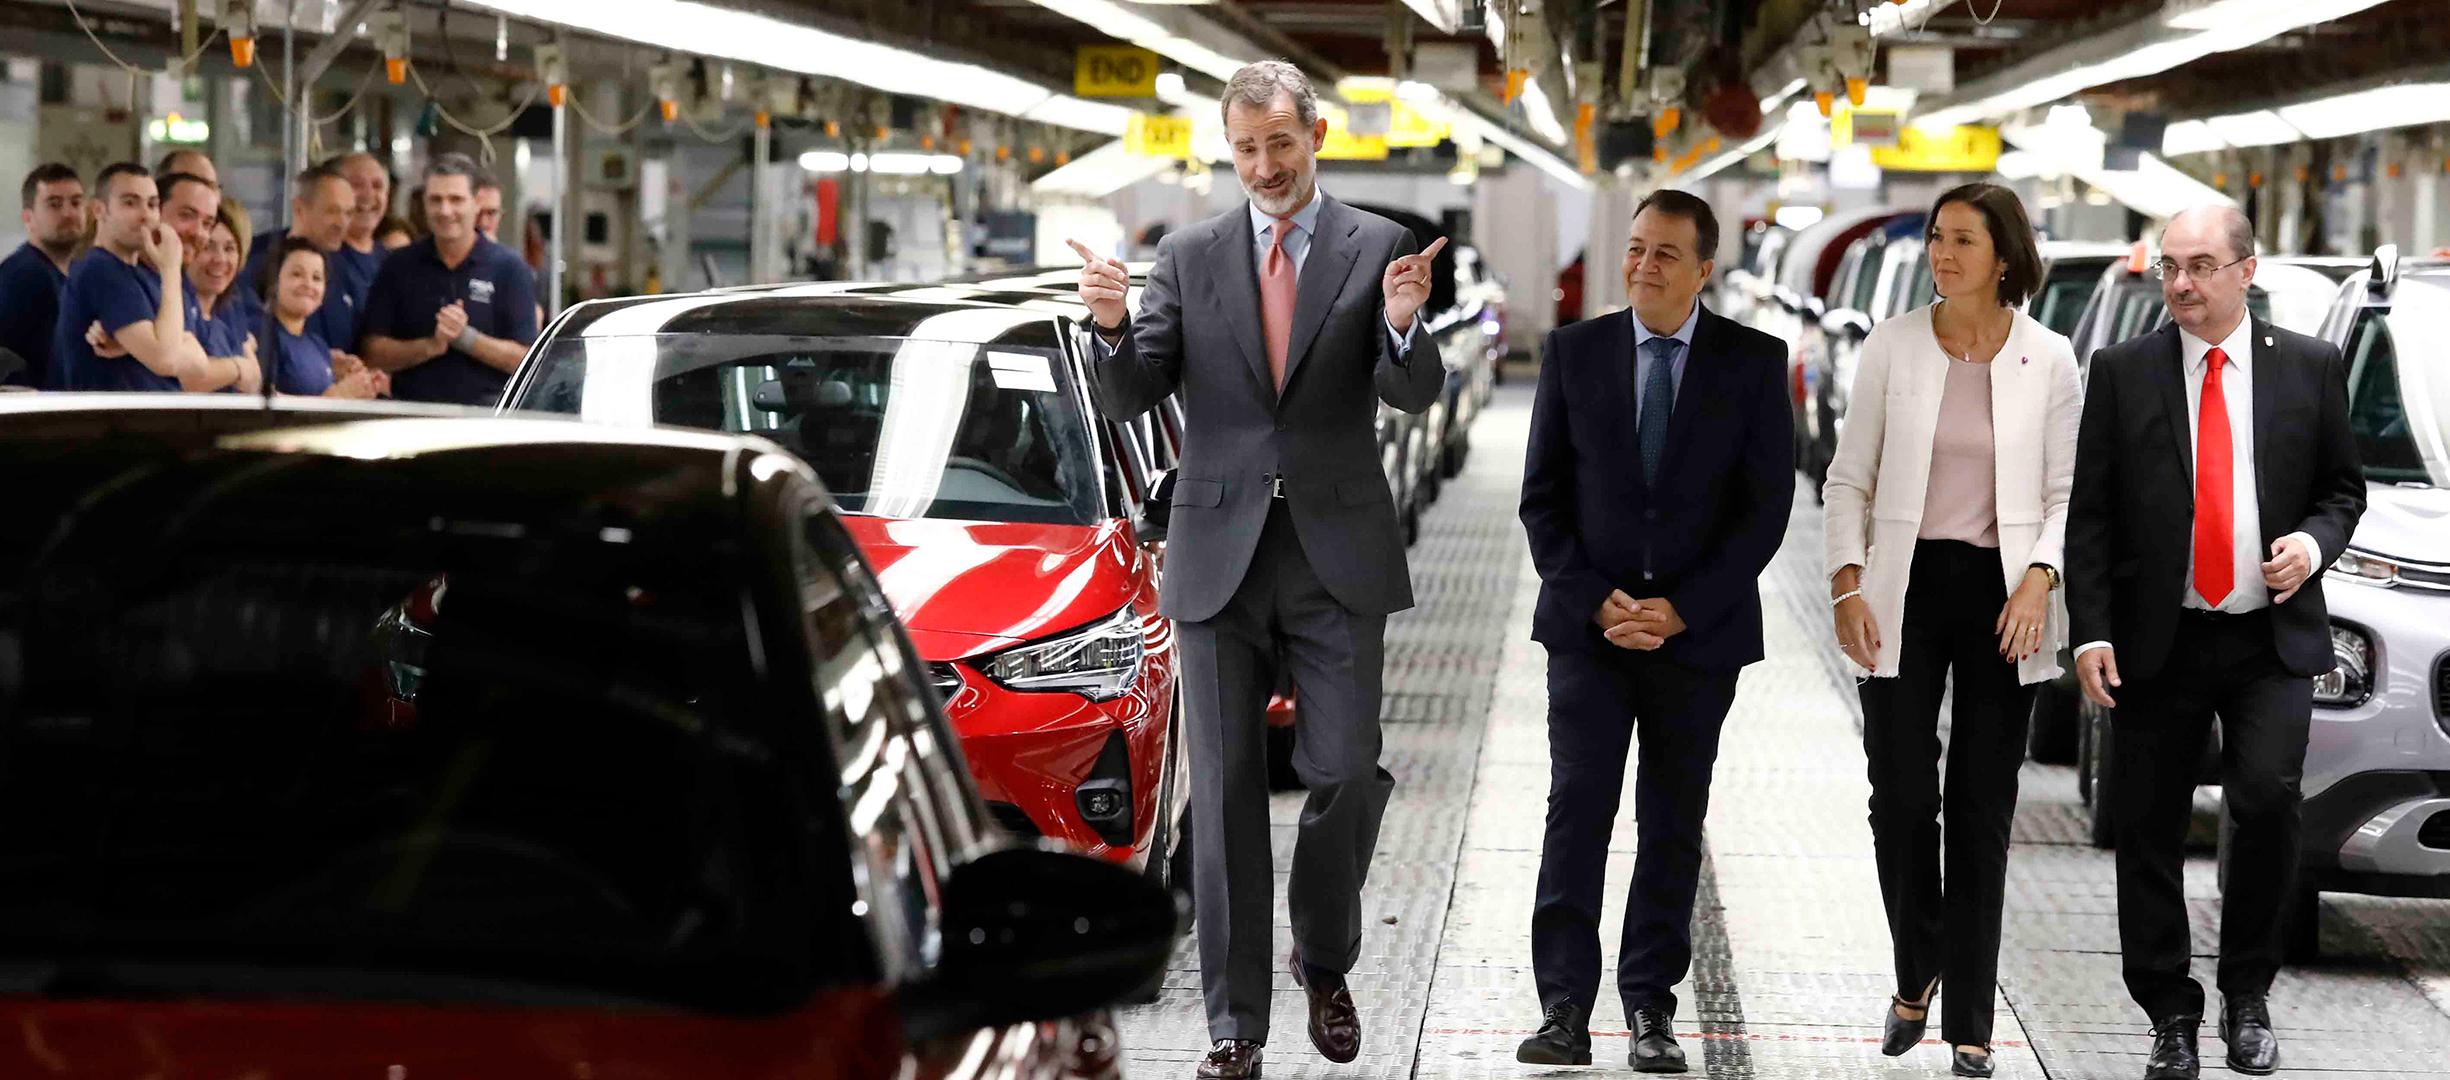 S.M. Felipe VI apuesta por las factorías españolas. Visita la de Opel en Figueruelas